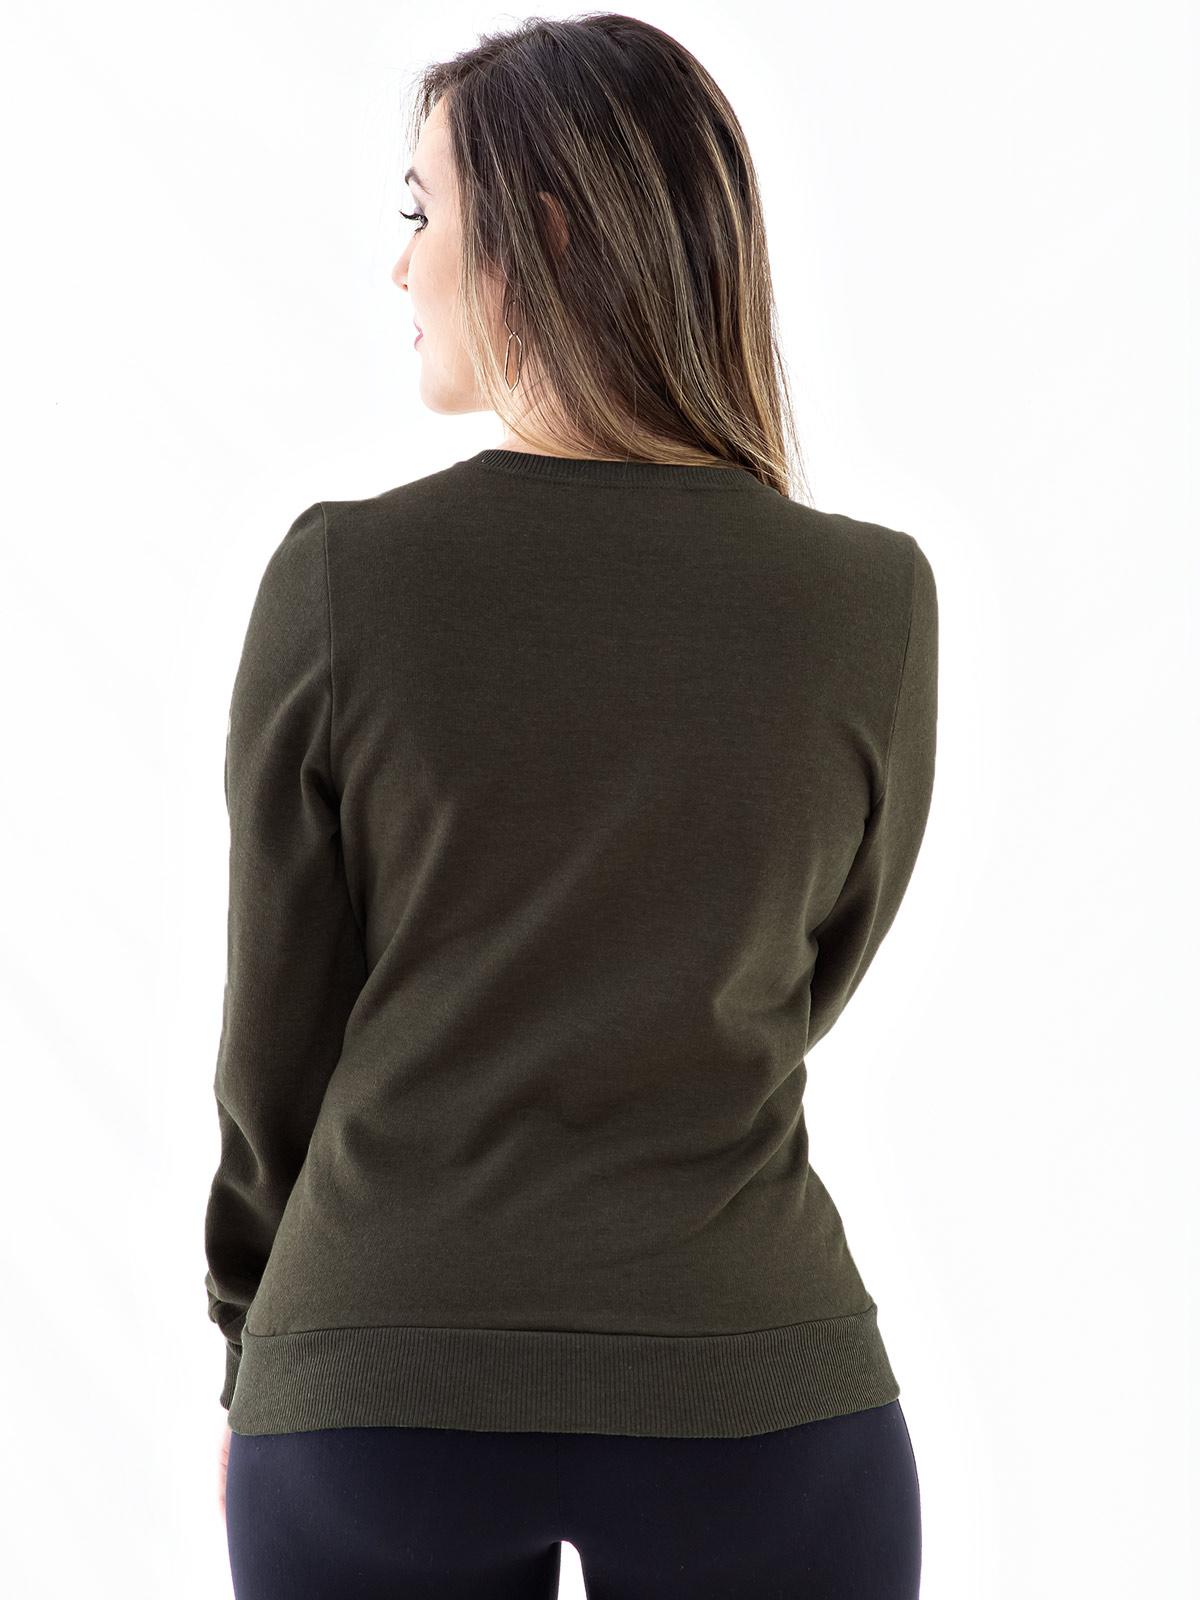 Blusa Moletom Feminino Bordada com Lantejoula Anistia Verde Militar